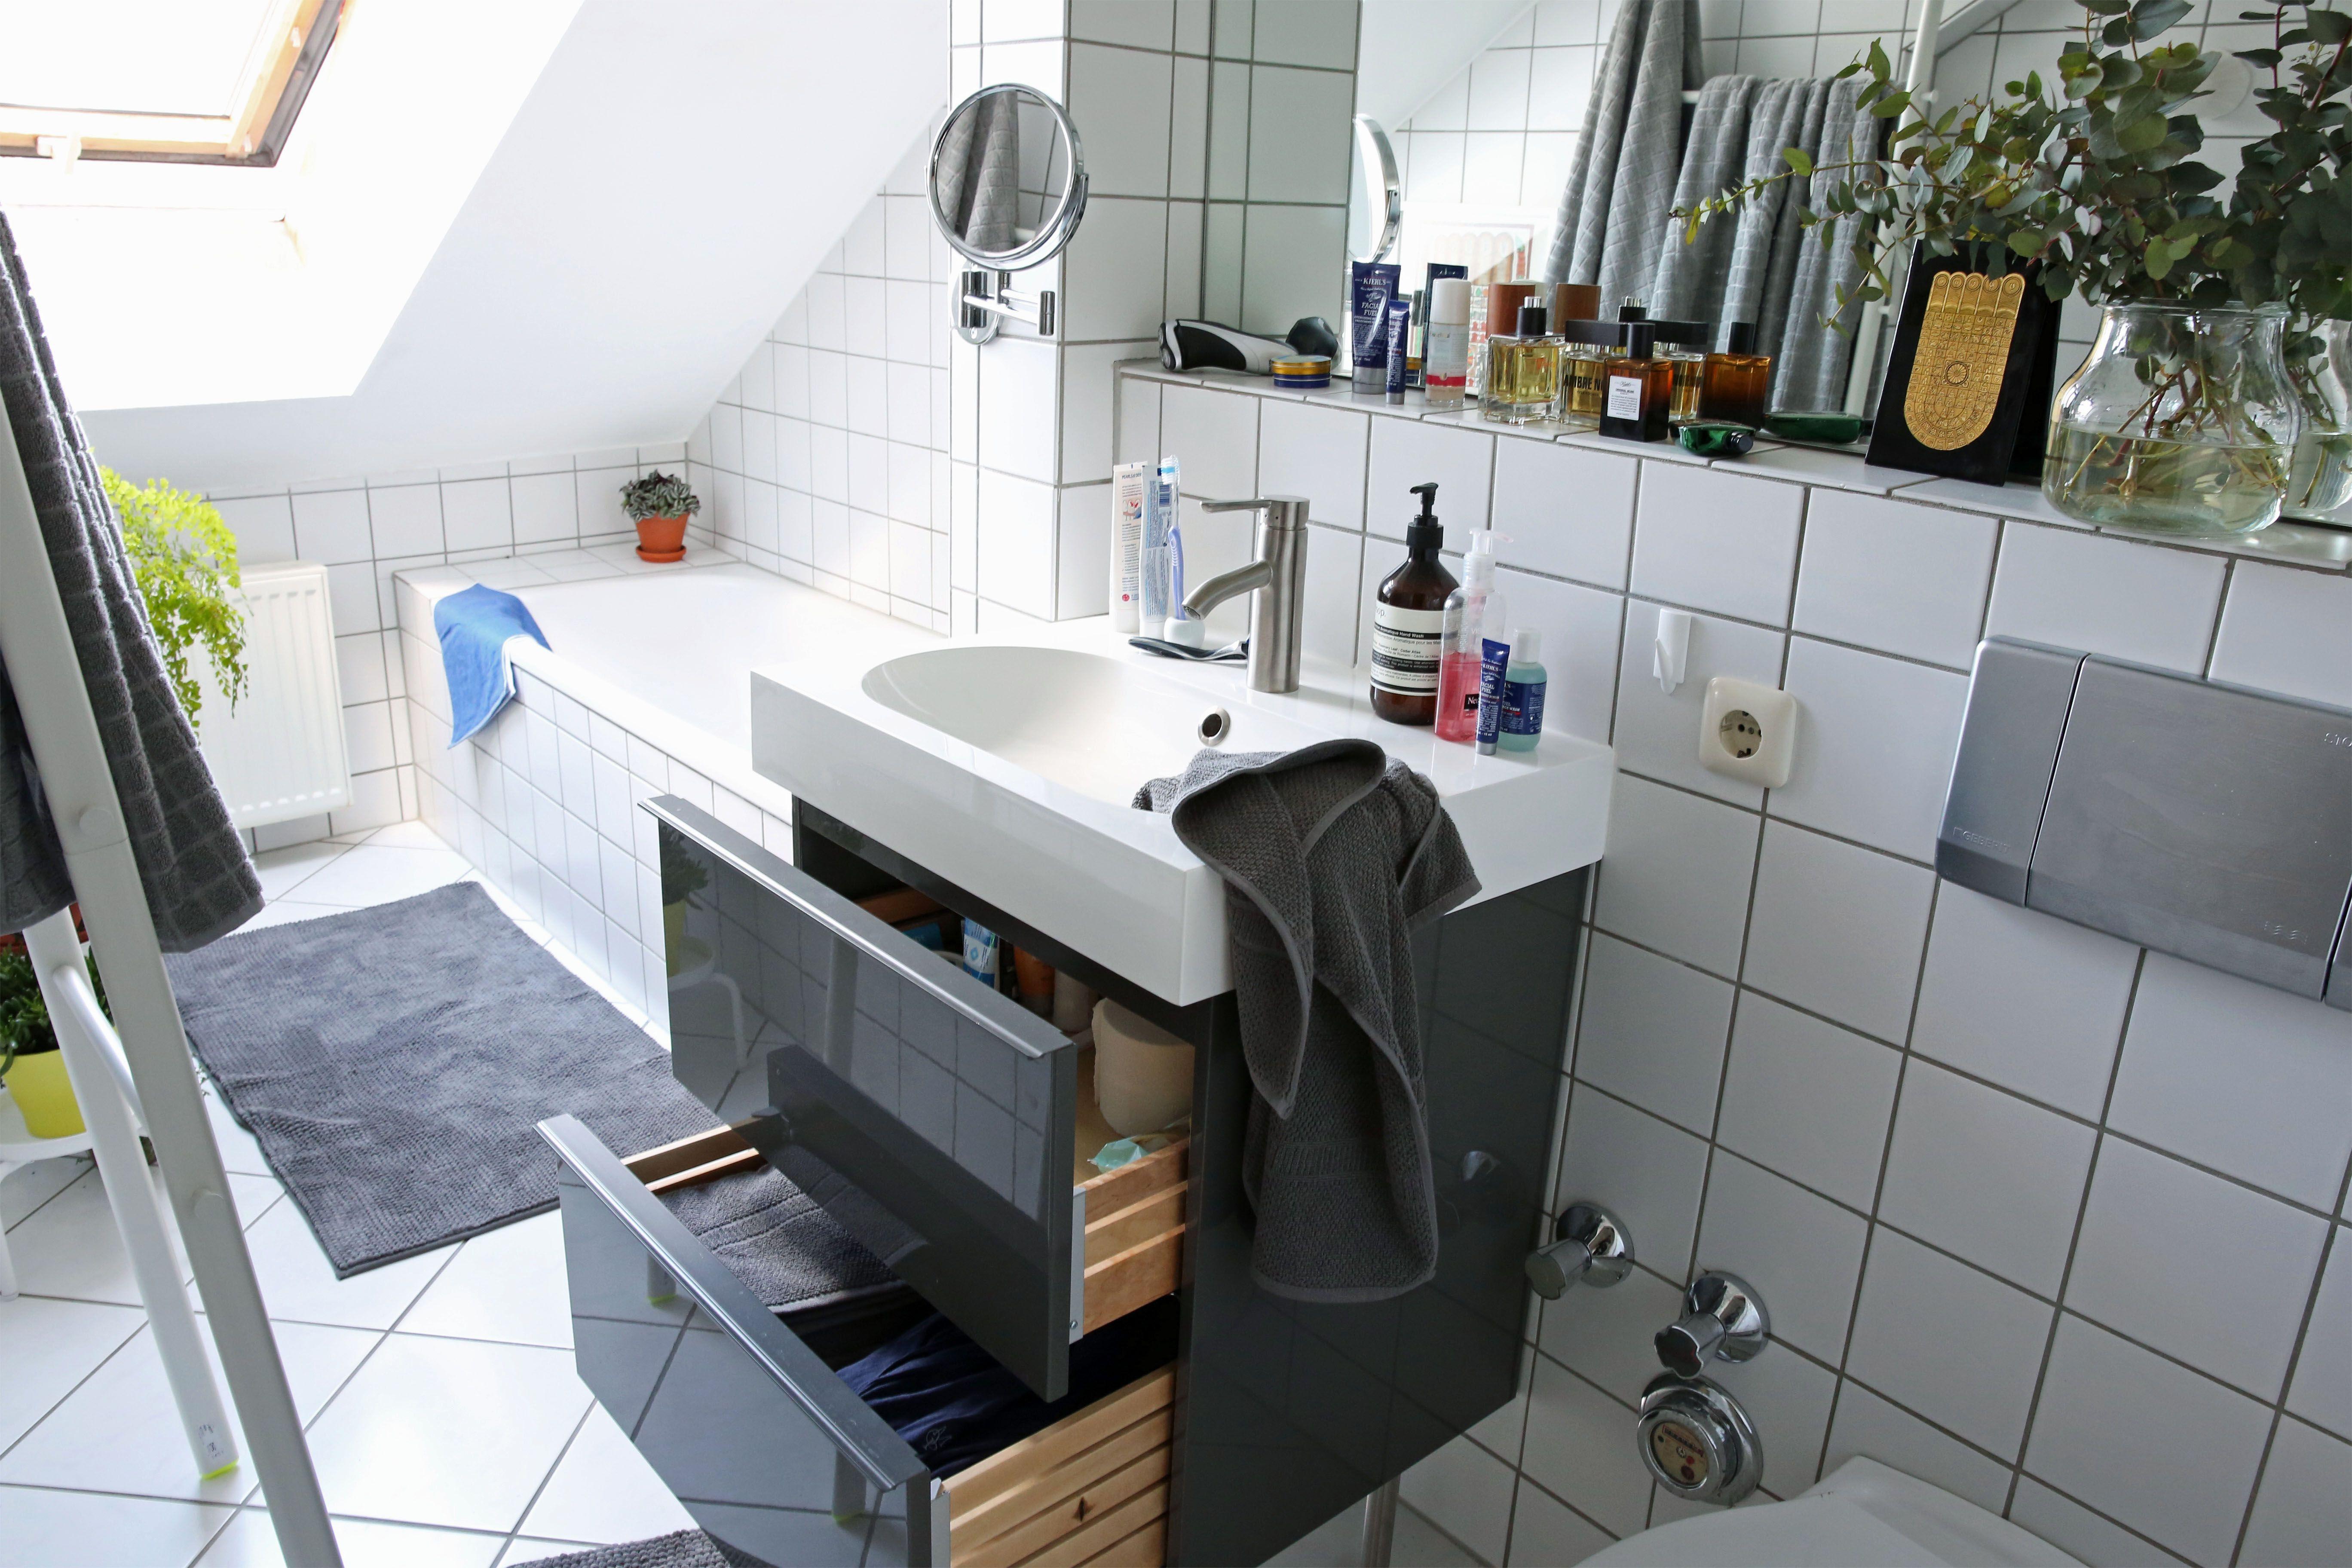 Bathroom sink in a small bathroom